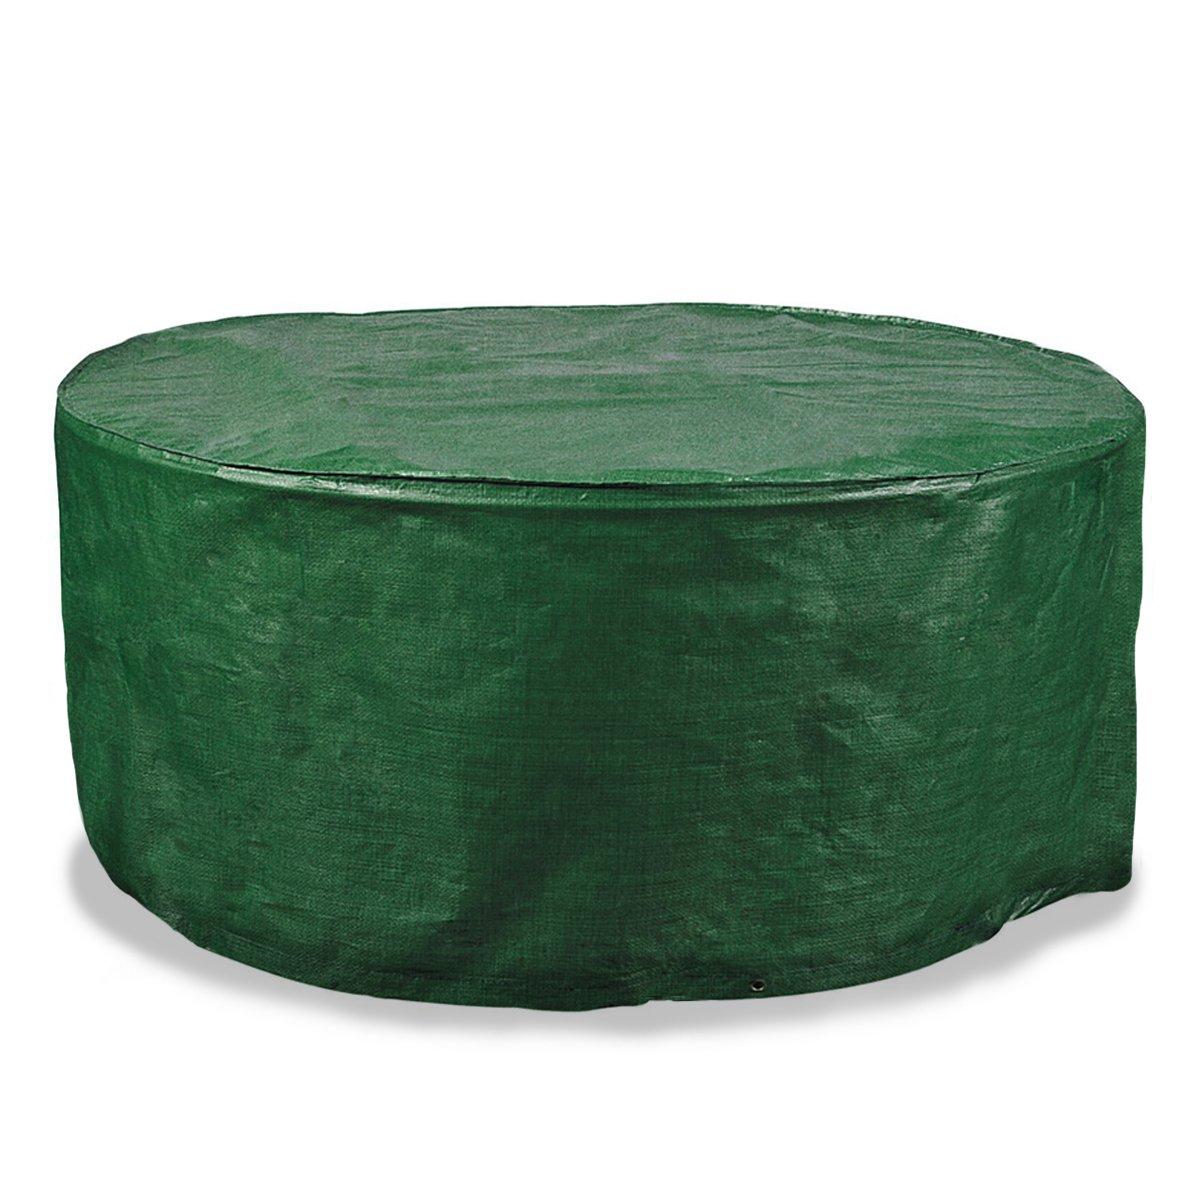 Schutzhülle für runden Gartentisch | wasserdicht, schnelltrocknend, pflegeleicht | 125 x 81 cm